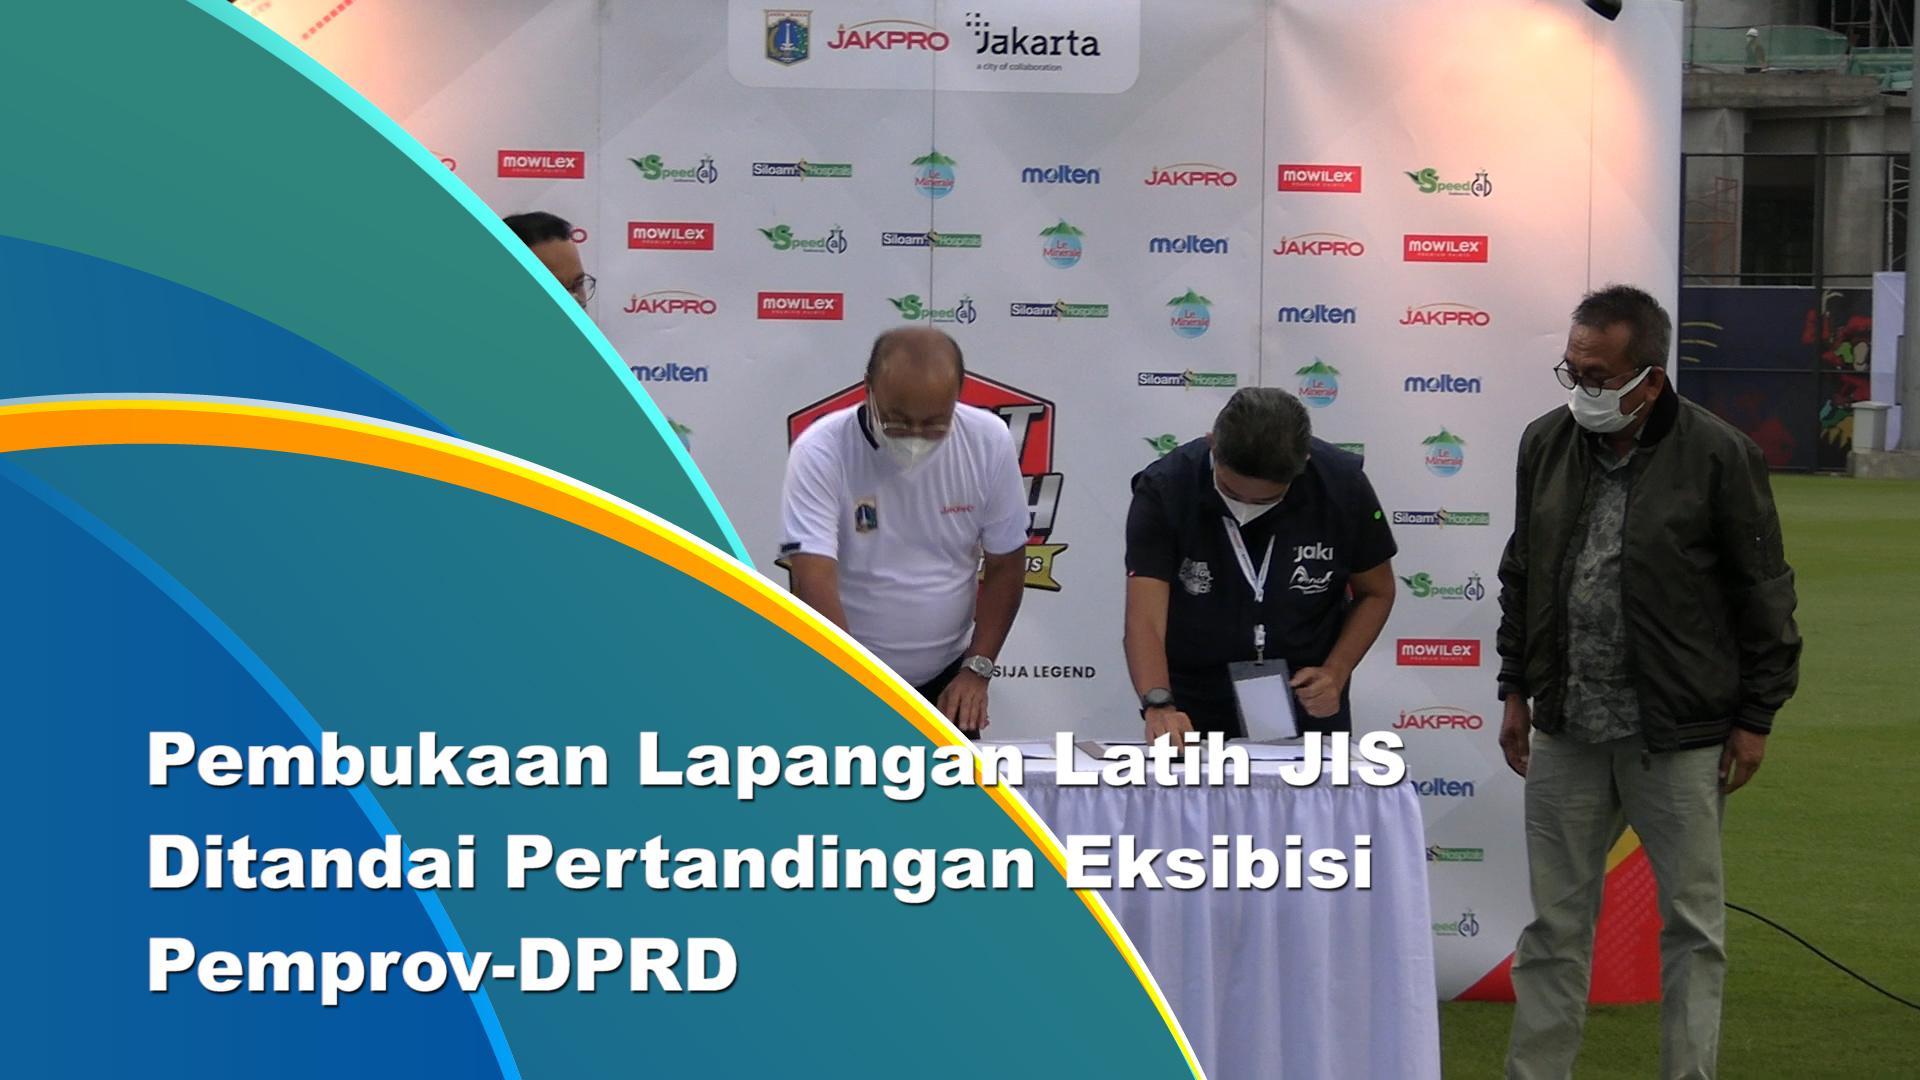 Lapangan Latih Jakarta International Stadium Resmi Dibuka